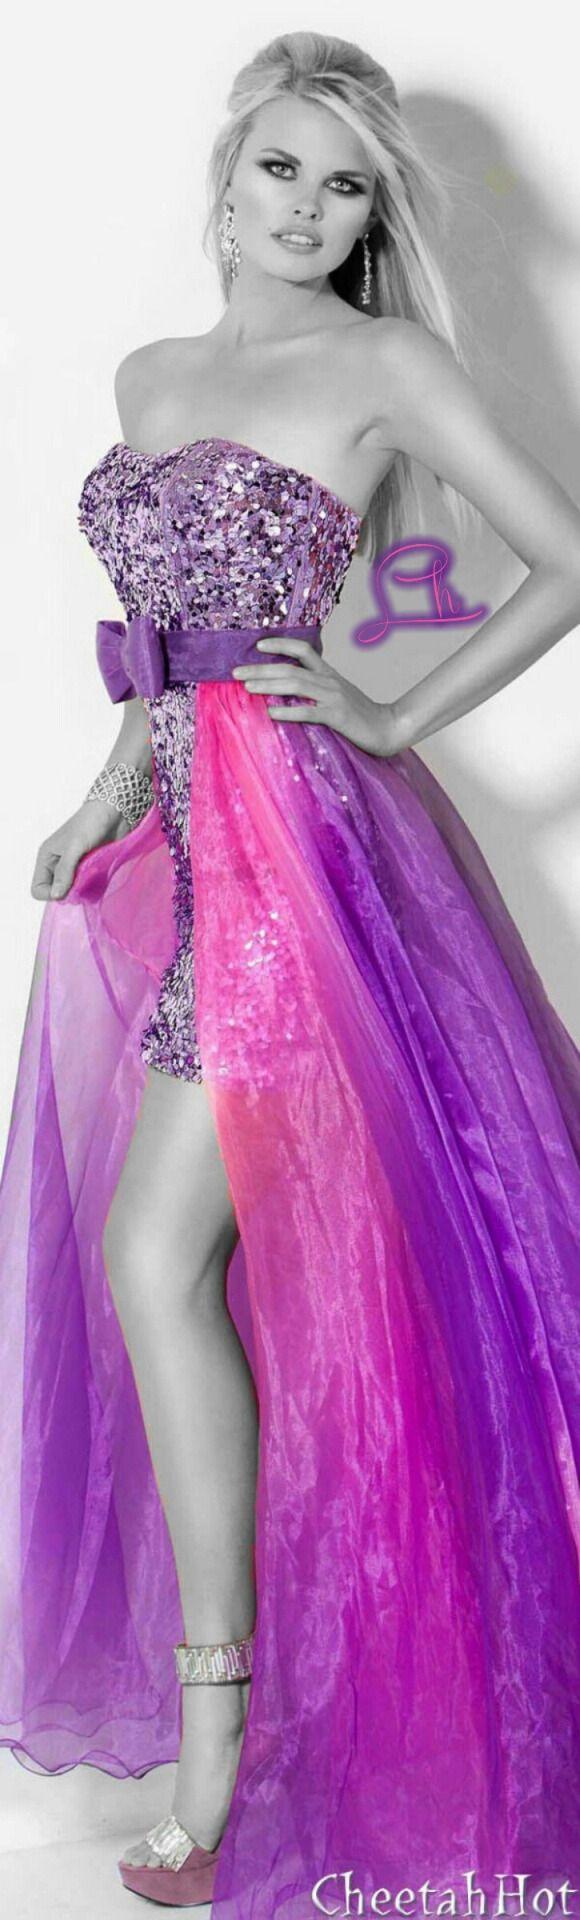 Excepcional Vestido De Baile De La Pintura De La Salpicadura Patrón ...